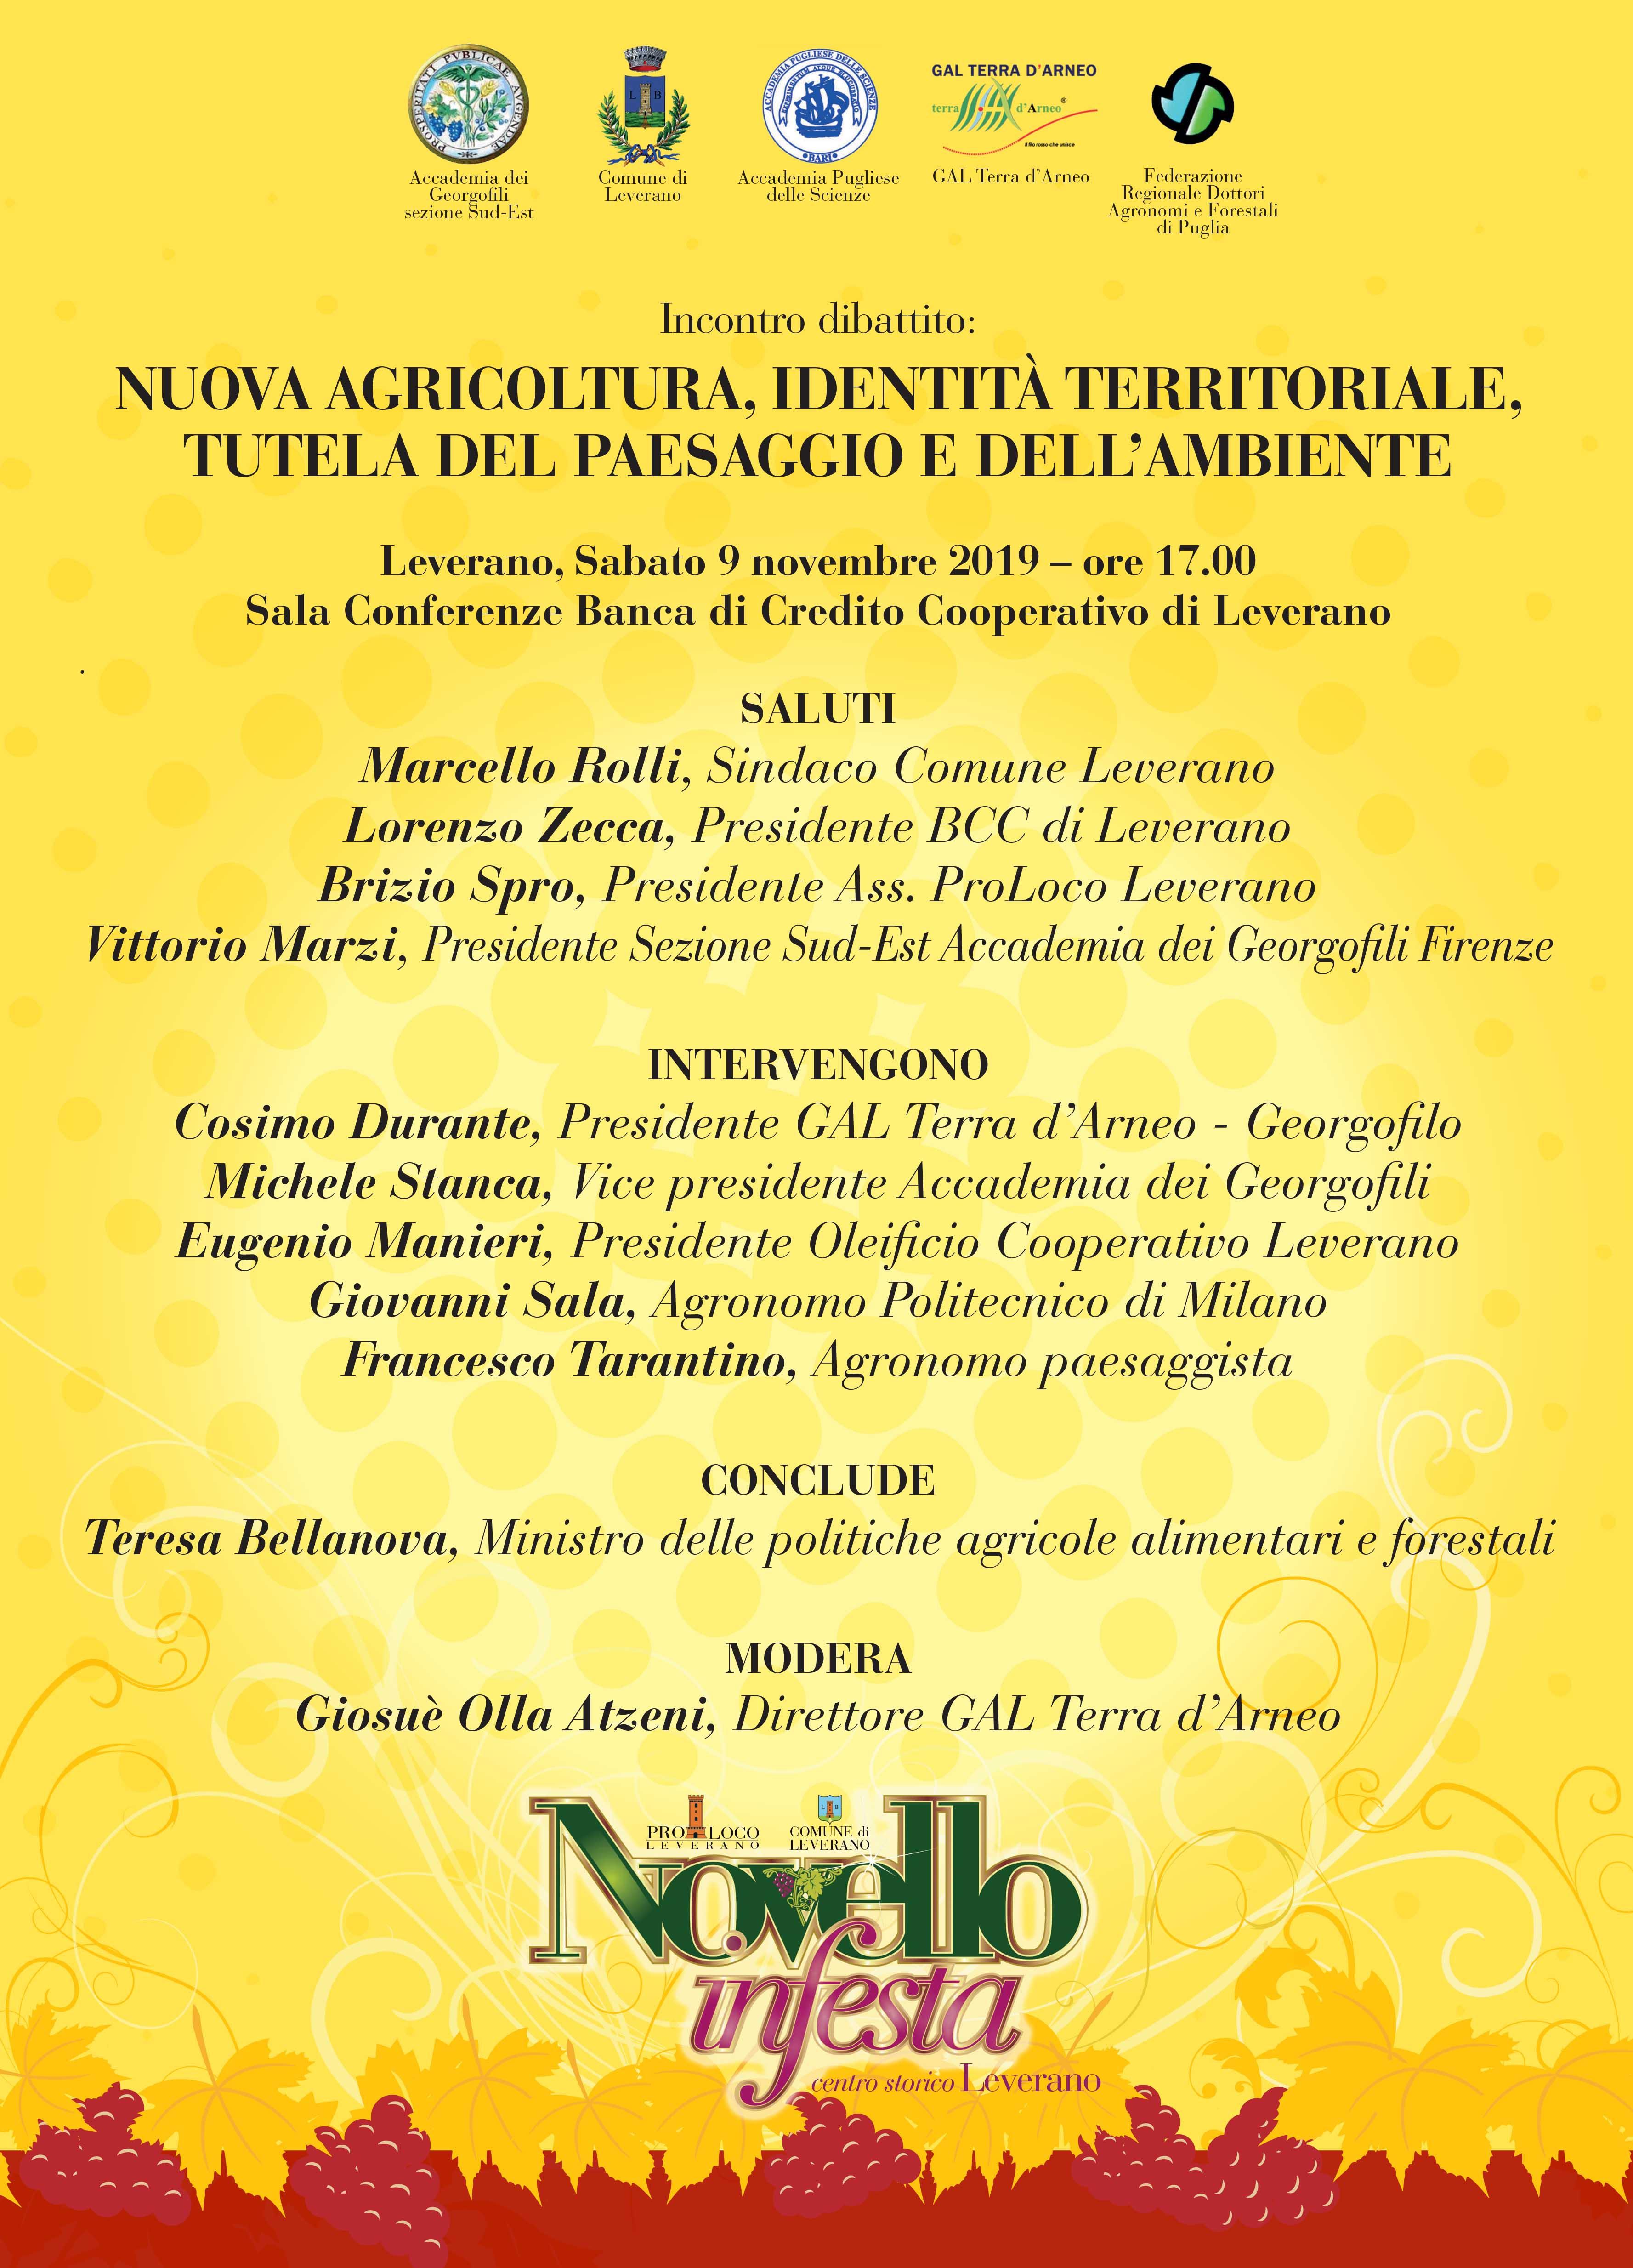 Novello in festa - Il GAL organizza incontro su tutela del paesaggio alla presenza del Ministro Teresa Bellanova